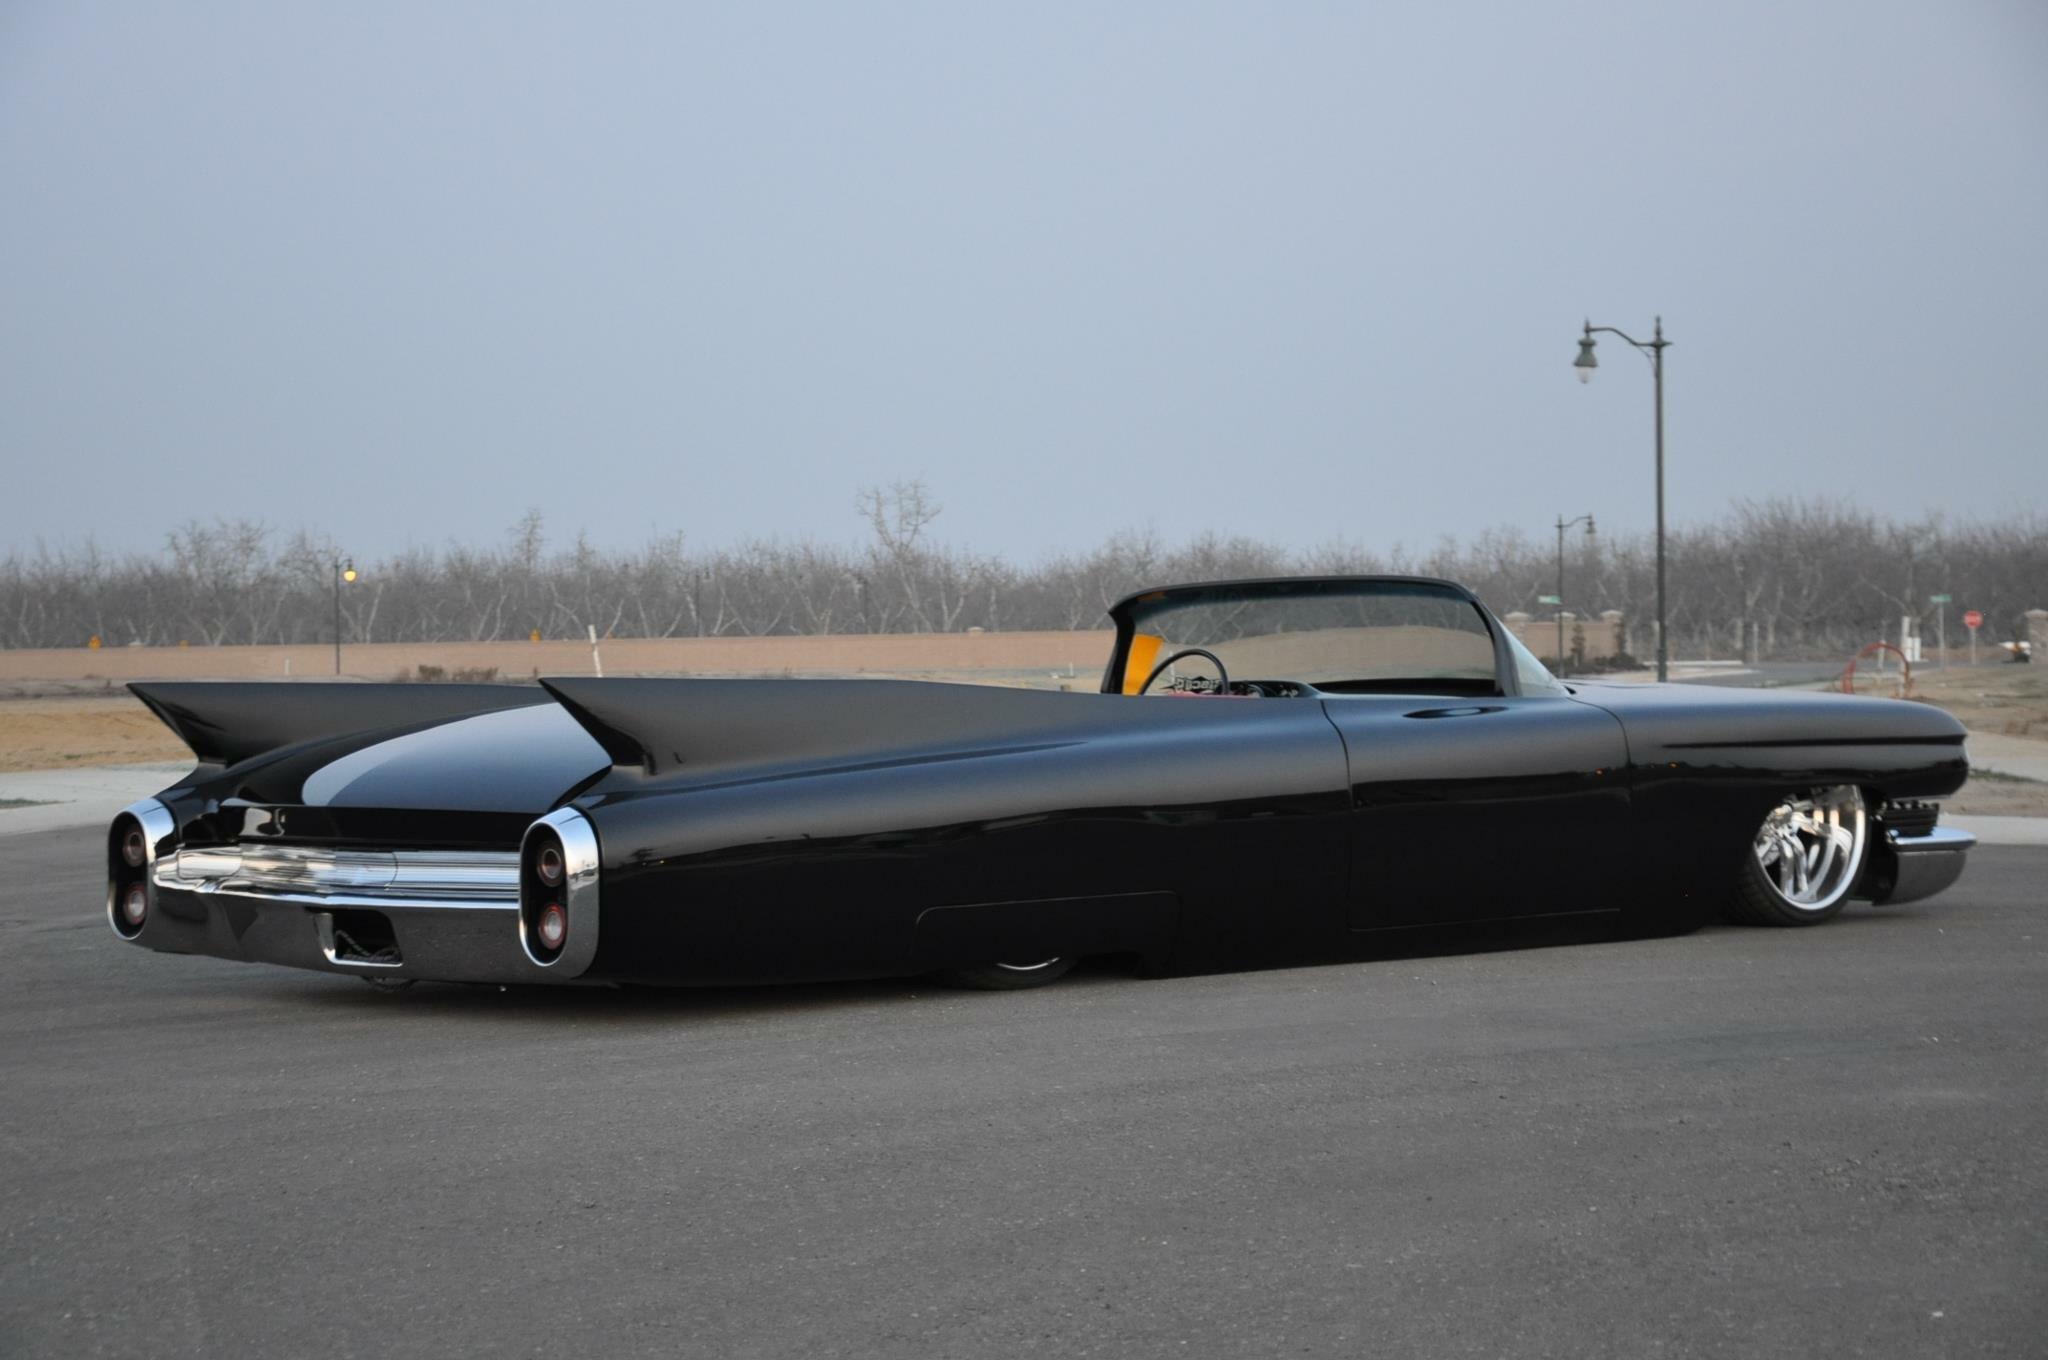 Severed Ties <> 1960 Cadillac Cruella Deville - Justin Carrillo